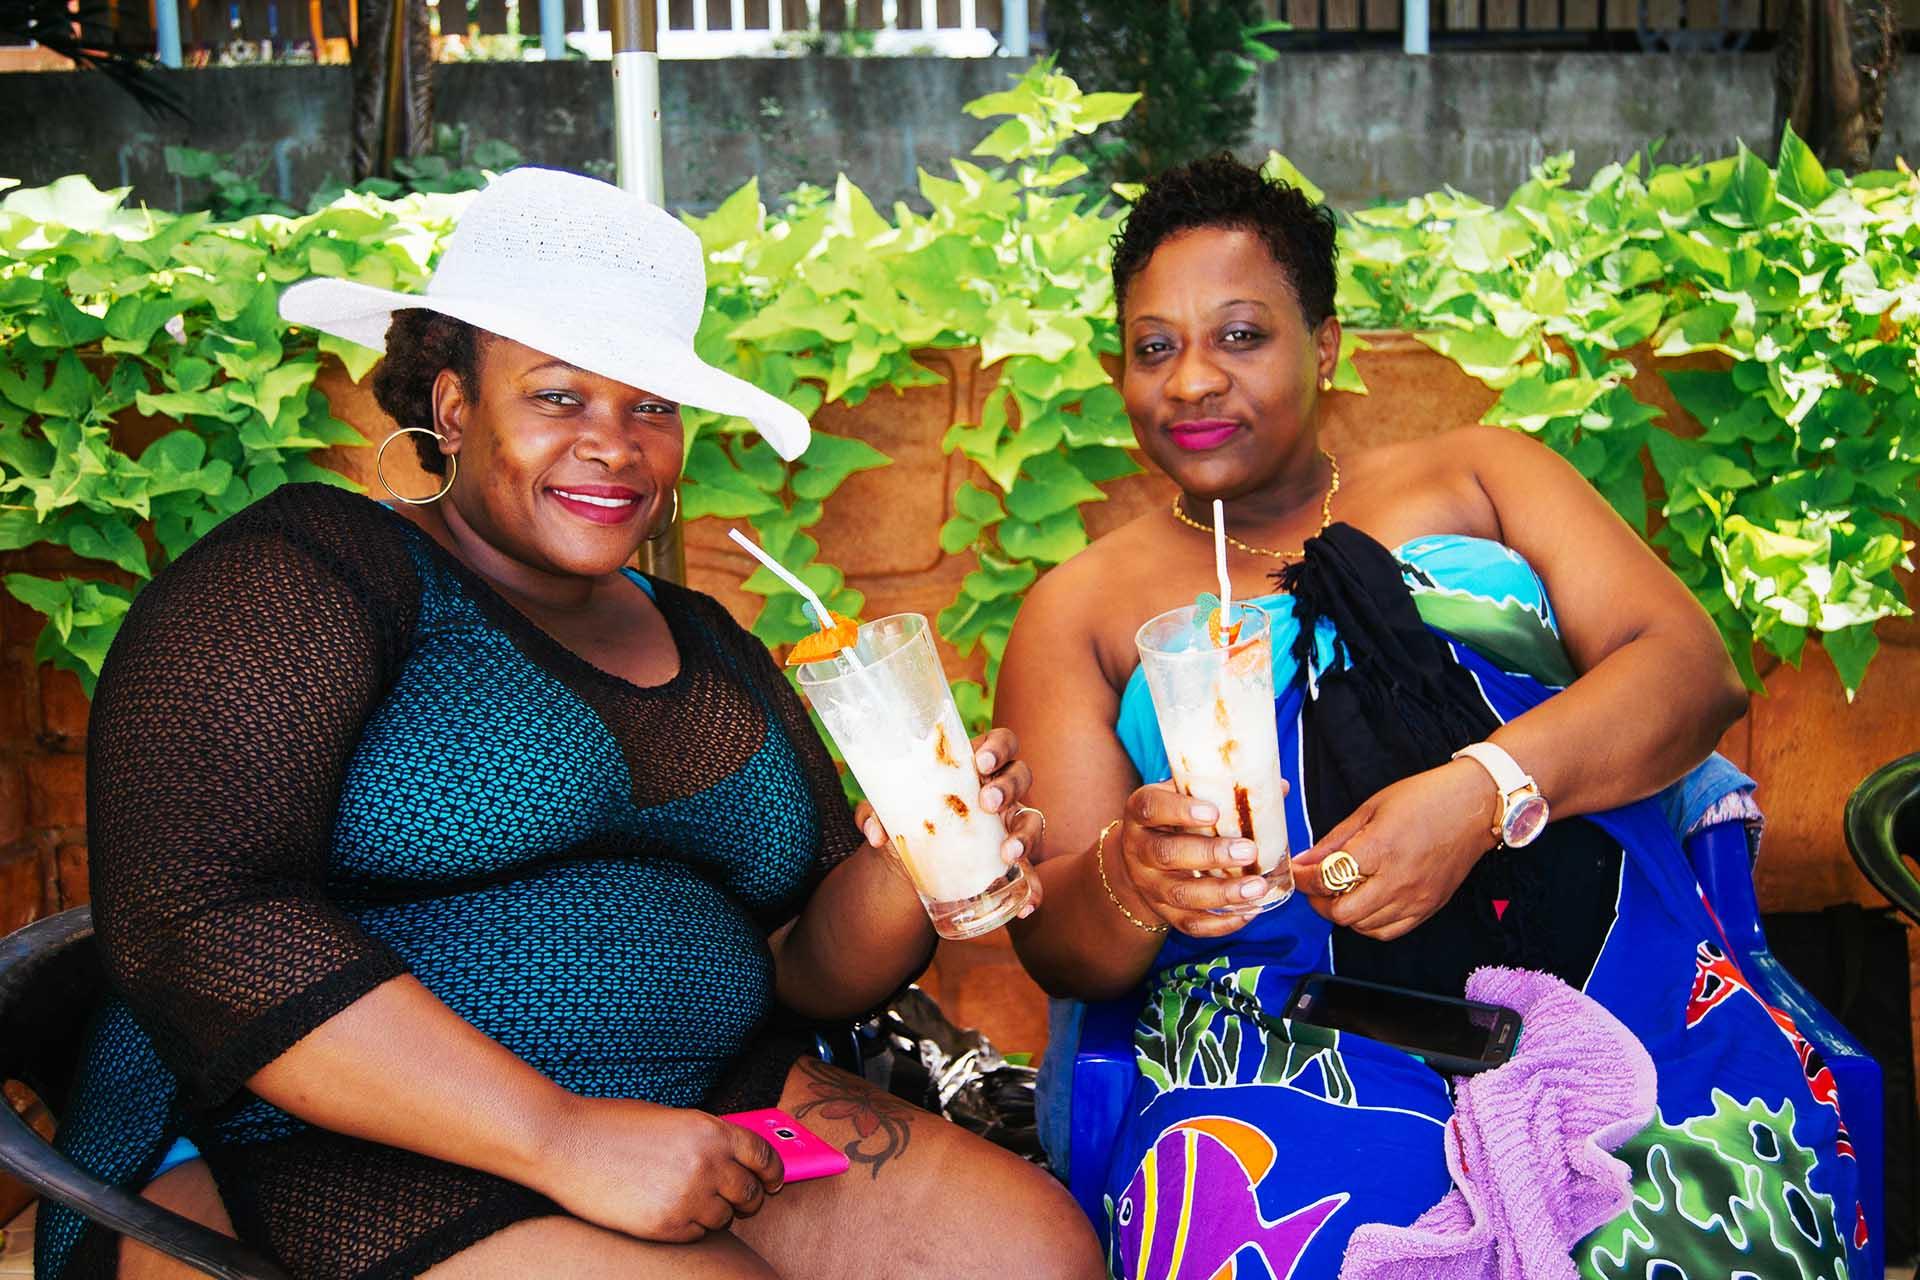 friends-enjoying-Belkin-pool-side